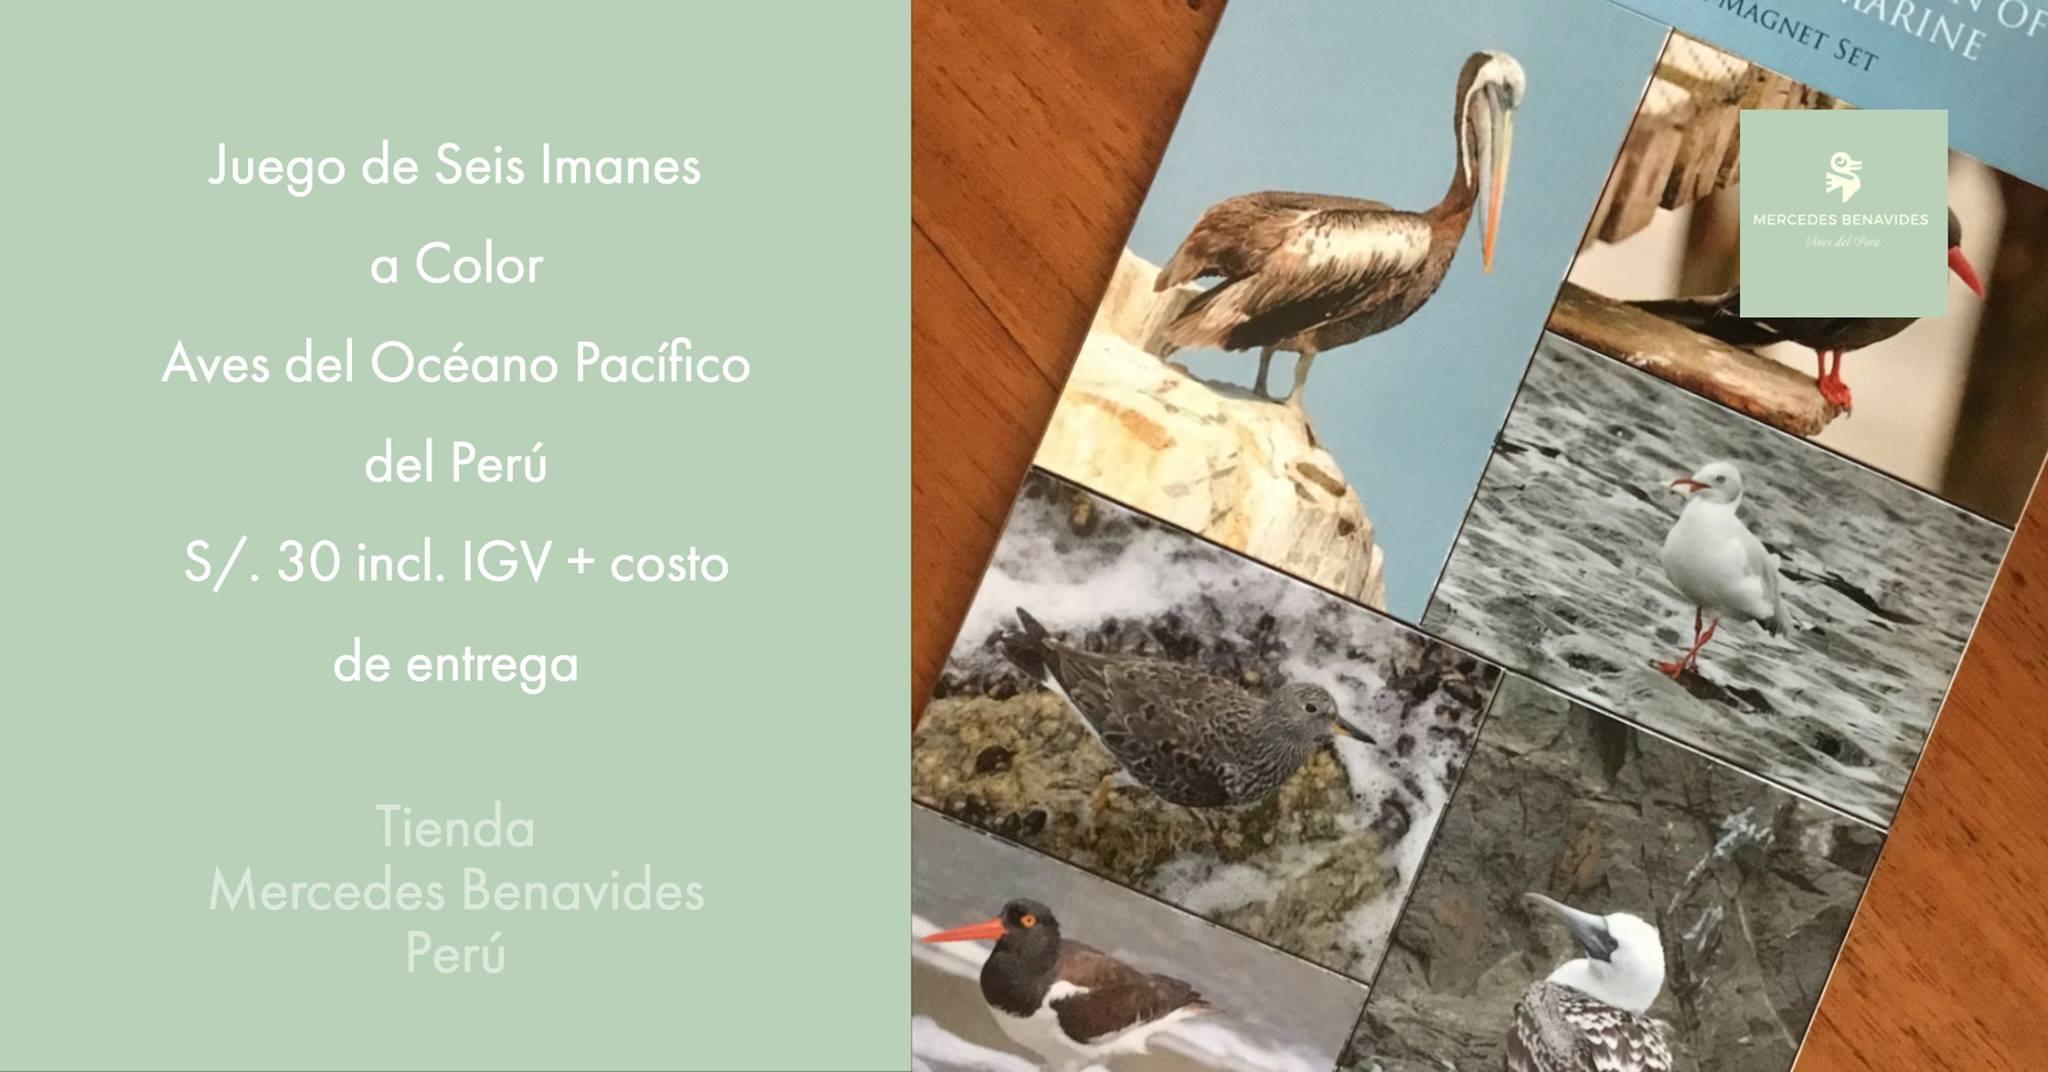 Juego de Seis Imanes con Imágenes de Aves del Océano Pacífico del Perú   Información en el verso sobre los nombres de las aves, su estado de conservación y hábitat. Incluye acciones de conservación posibles.  21 cms x 13 cms x 0.5 cms  Cantidad limitada